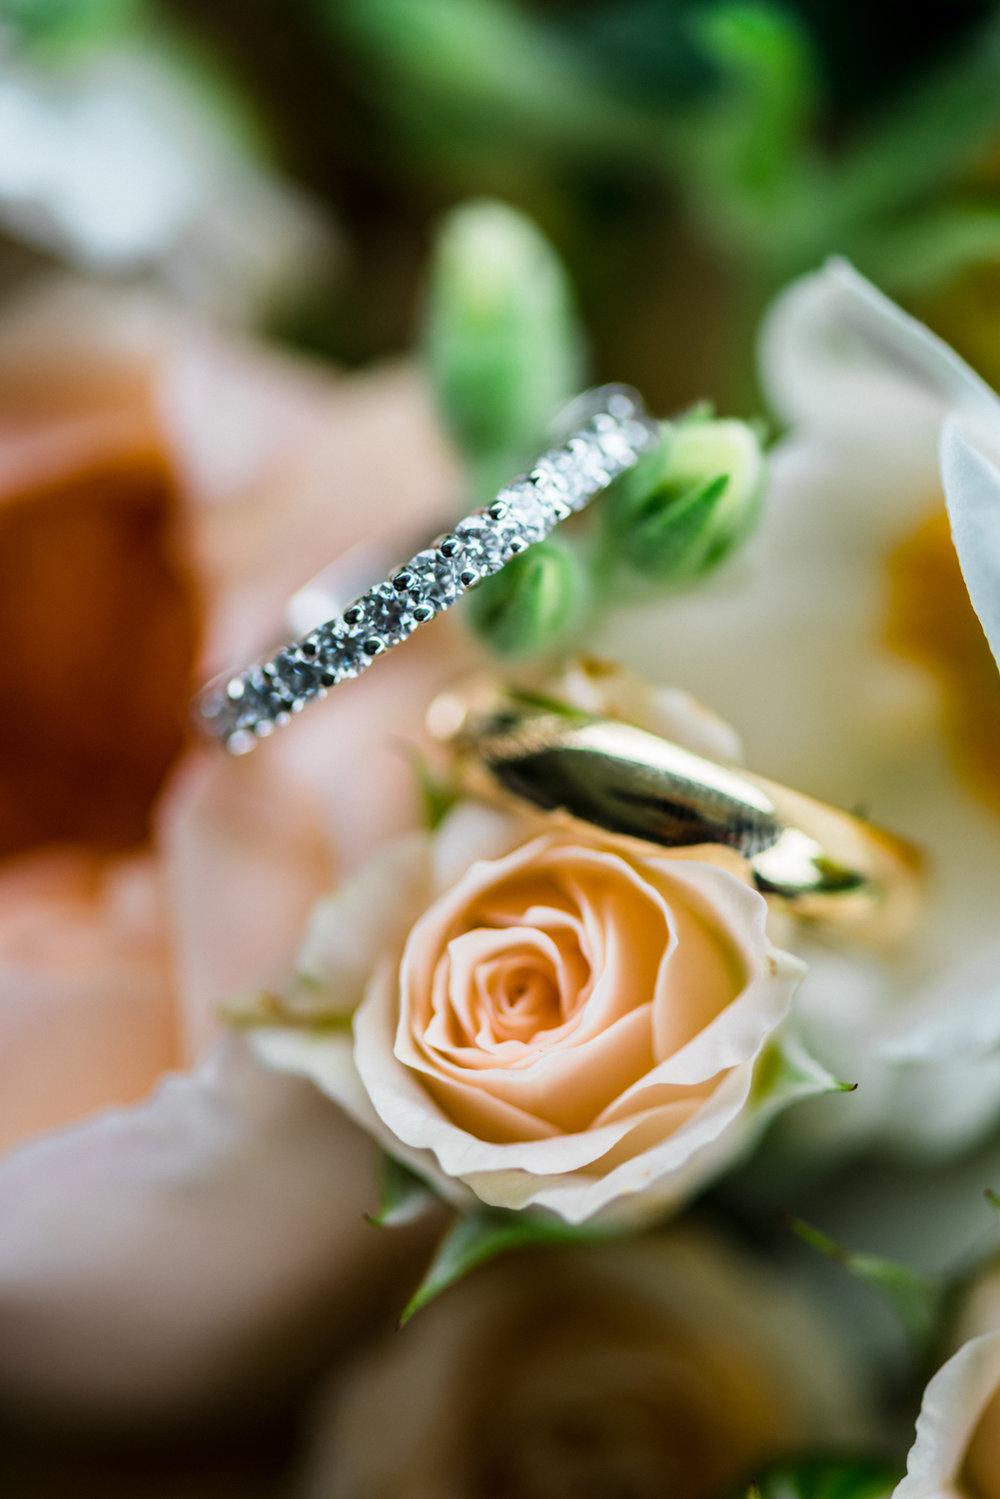 maureen_evan_wedding_flowers_by_morrice_florist_marthas_vineyard-2761.jpg